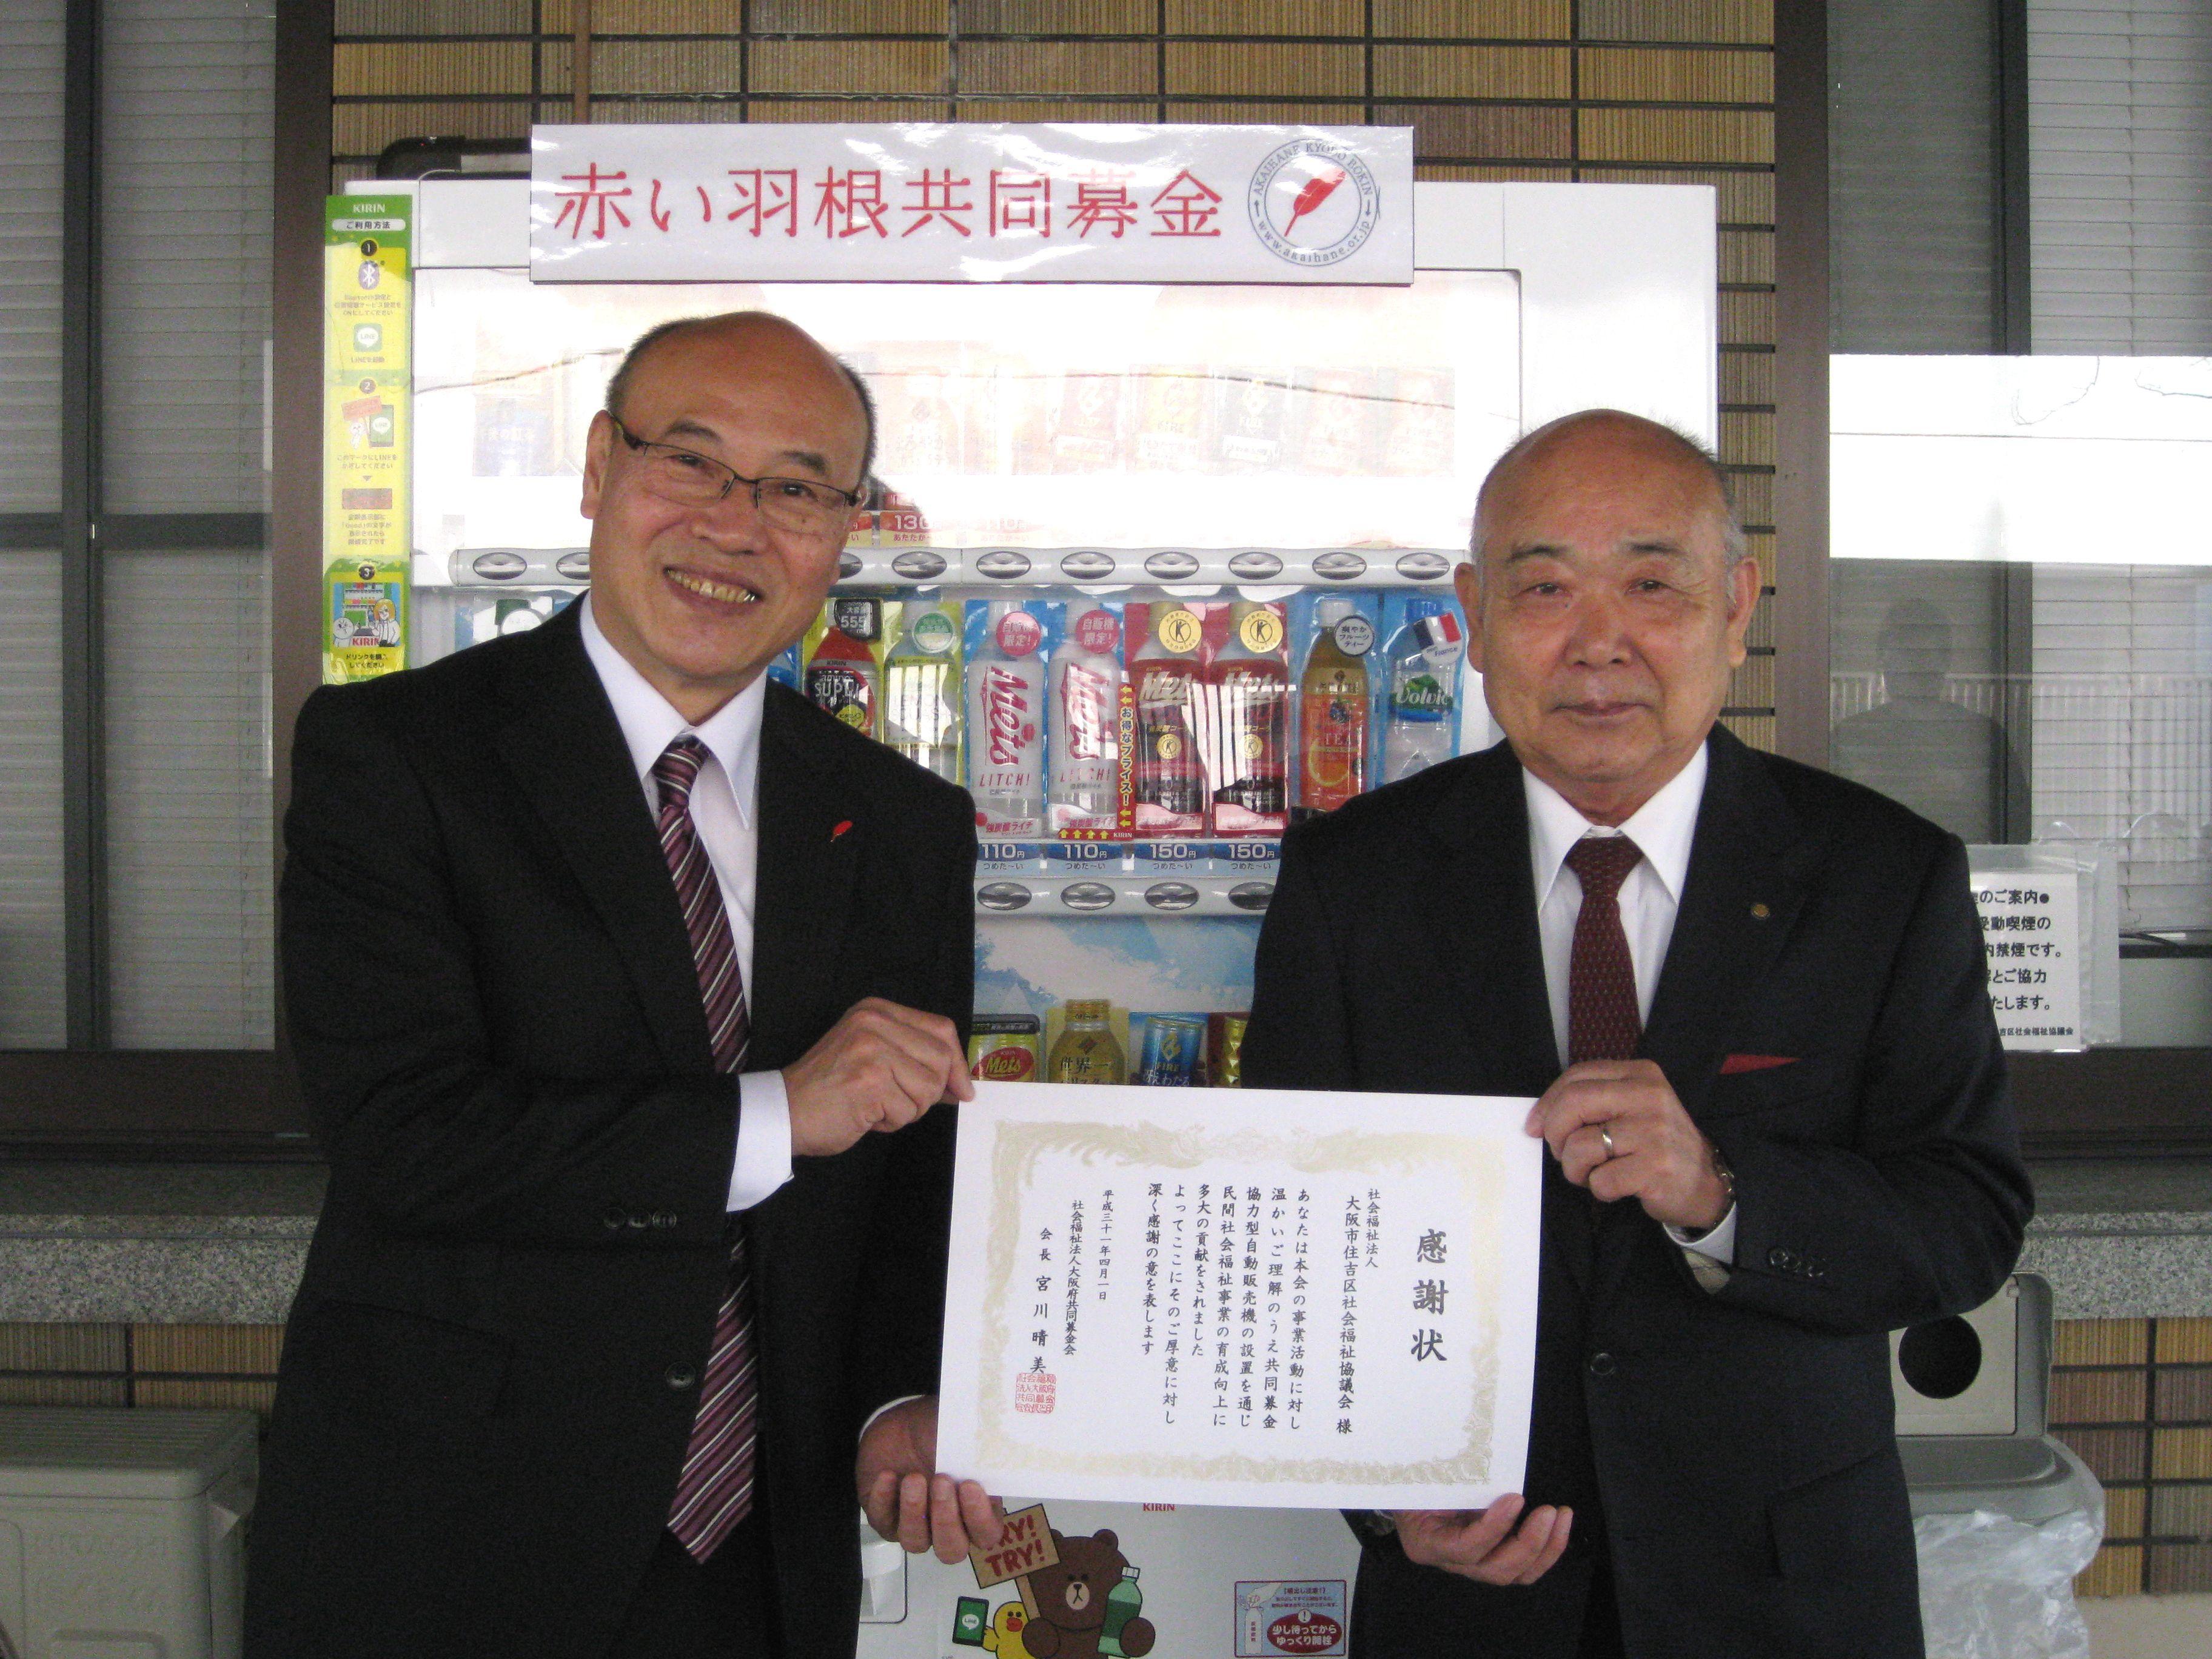 大阪市住吉区社会福祉協議会に共同募金協力型自販機が設置されました!